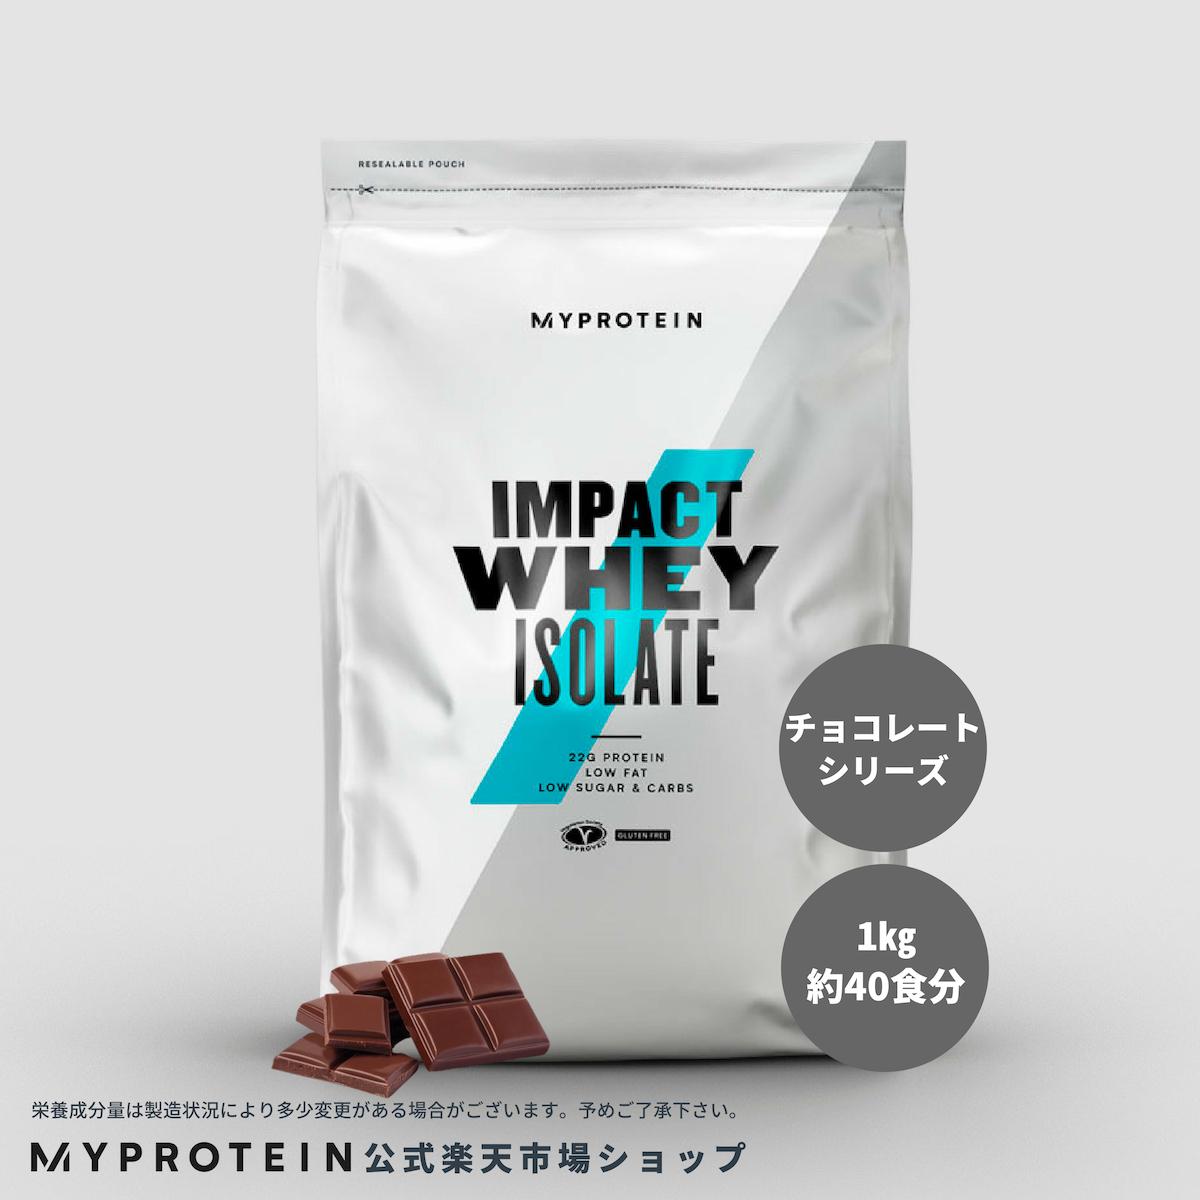 マイプロテイン 公式 【MyProtein】 Impact ホエイ アイソレート(WPI)(チョコレートシリーズ) 1kg 約40食分| プロテイン ホエイ ホエイプロテイン ダイエット ボディーメイク 低脂肪 グルタミン BCAA【楽天海外直送】